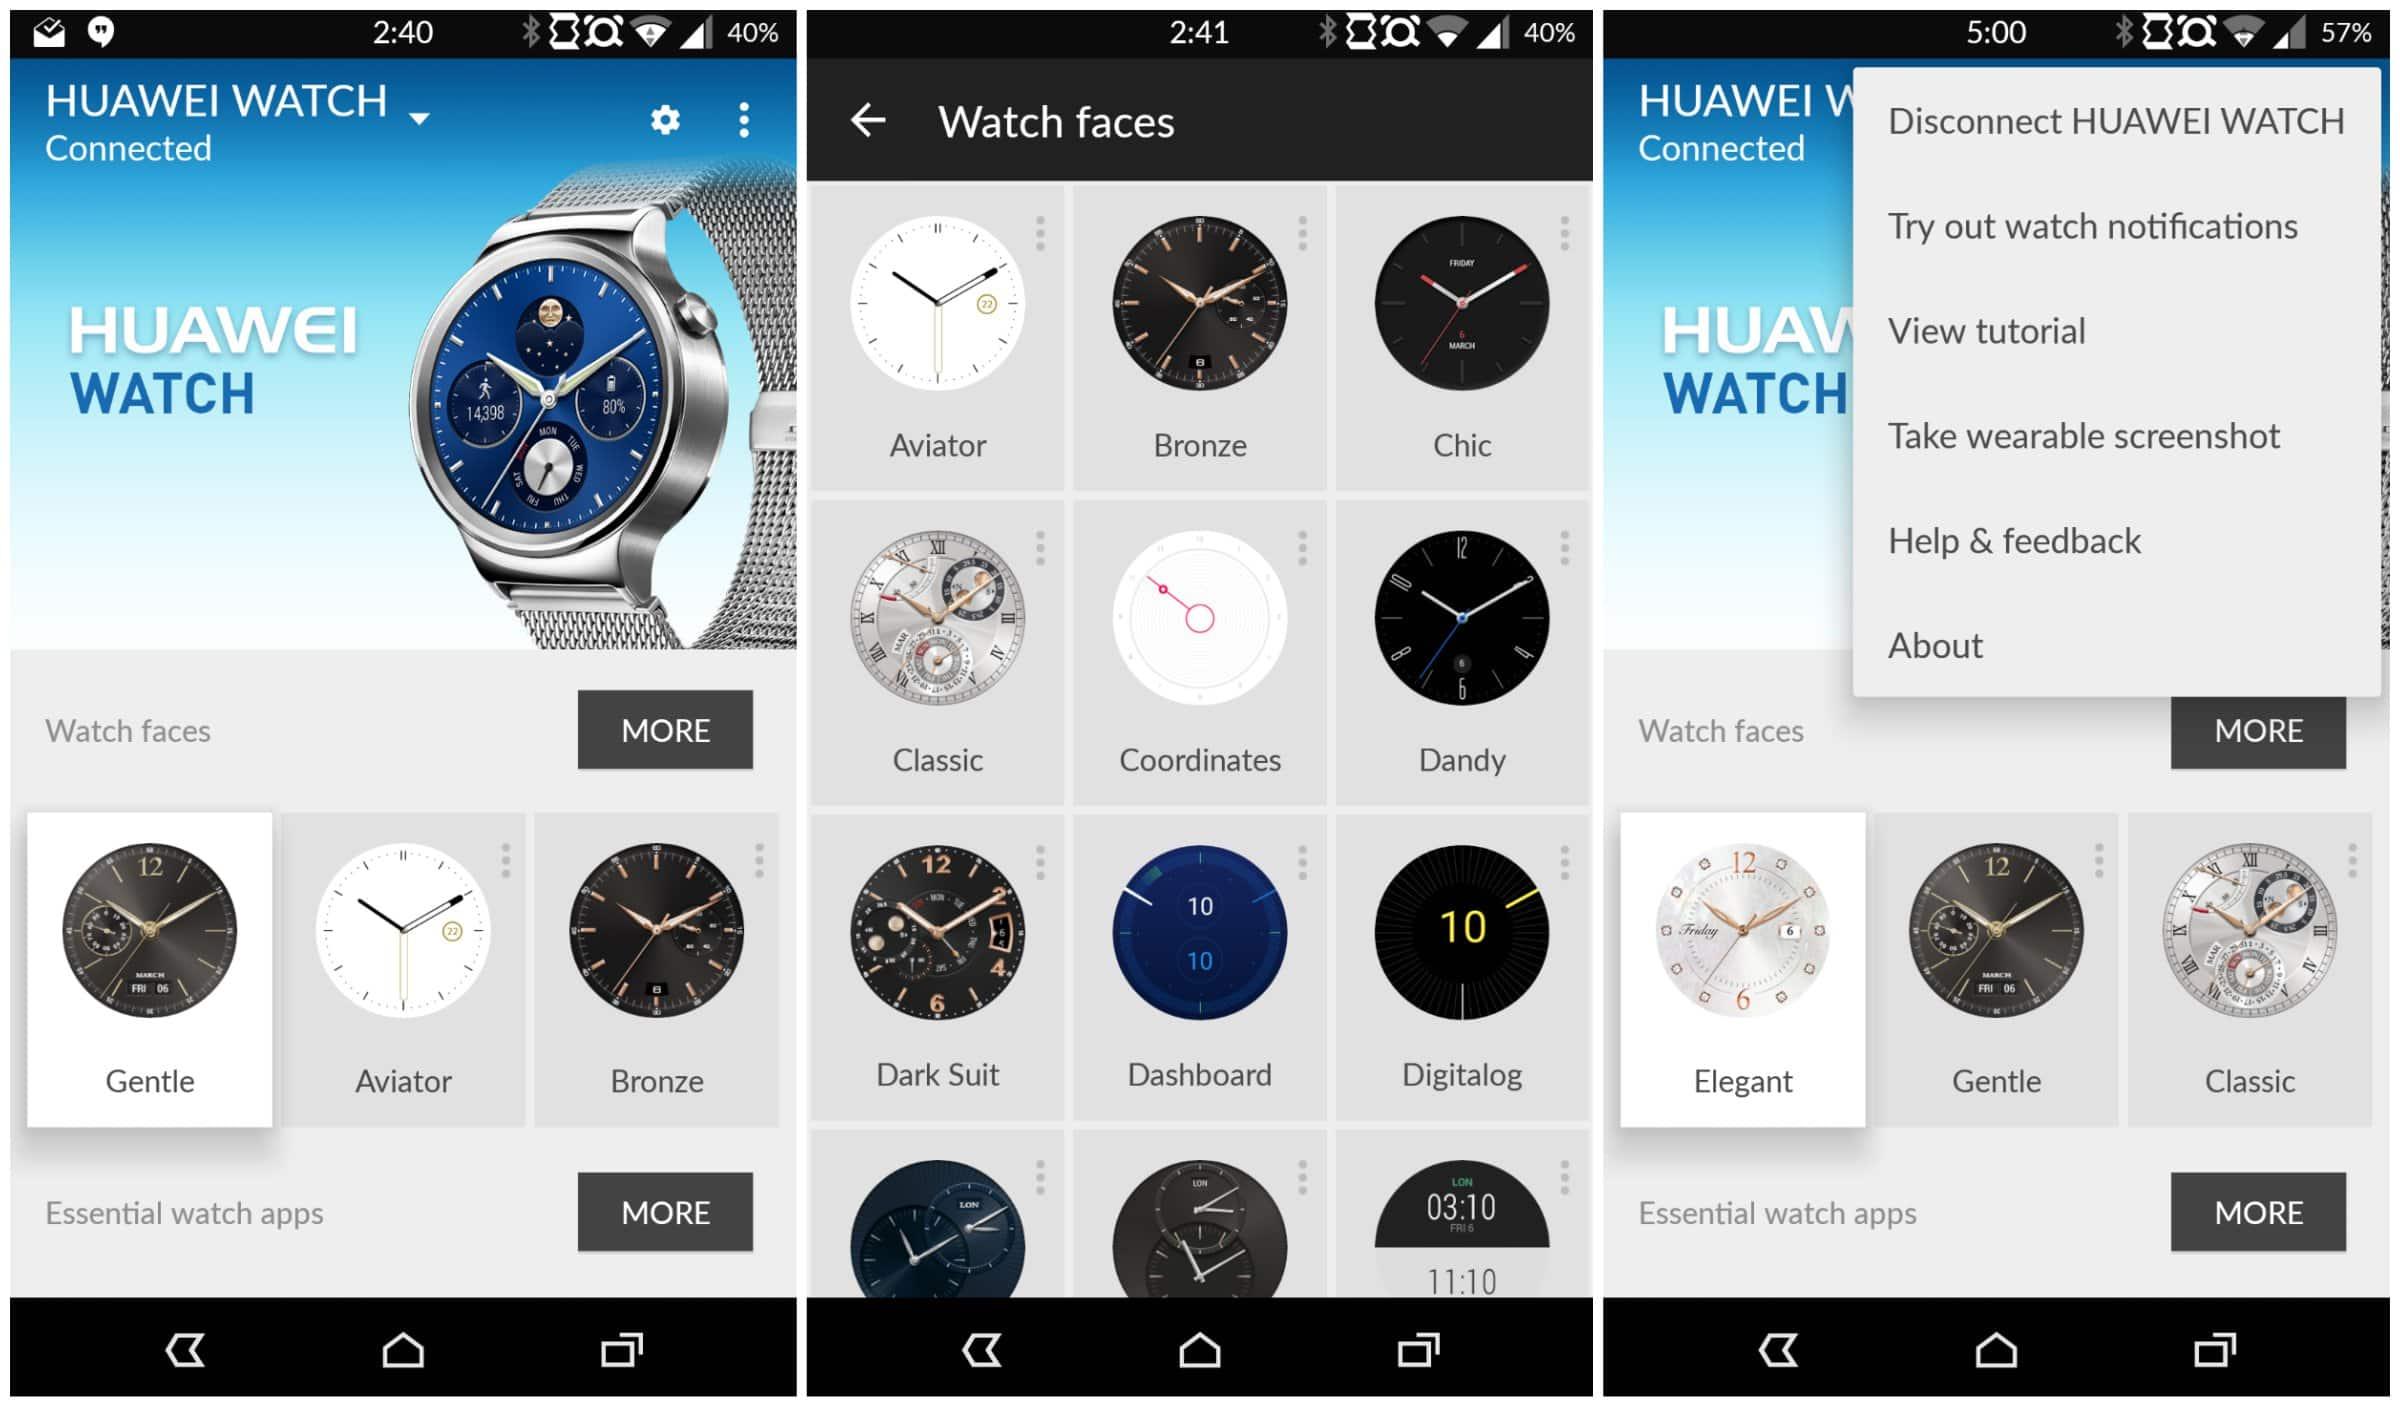 Huawei-Watch-App-Screen